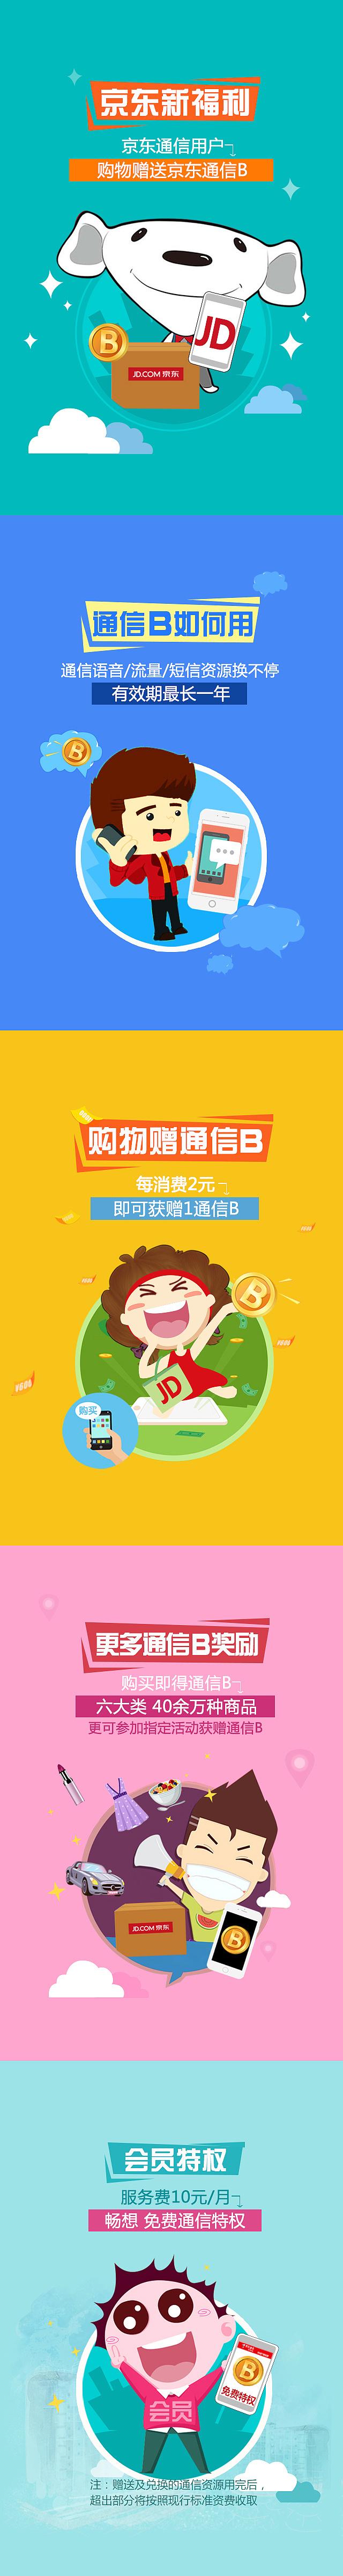 1、短信方式移动充值q币仅支持购买Q币,不支持购买Q点; 2、若充值未成功,点击这里查看更多. 二、 移动手机语音充值 北京、天津、新疆、河南移动用户无法通过此方式充值. 操作方法.腾讯客服--个人帐户-如何使用移动手机充值Q币?欢乐炸金花游侠小游戏在线试玩,欢乐炸金花小游戏介绍、攻略,还有其他更多欢乐炸金花相关小游戏等你来玩!